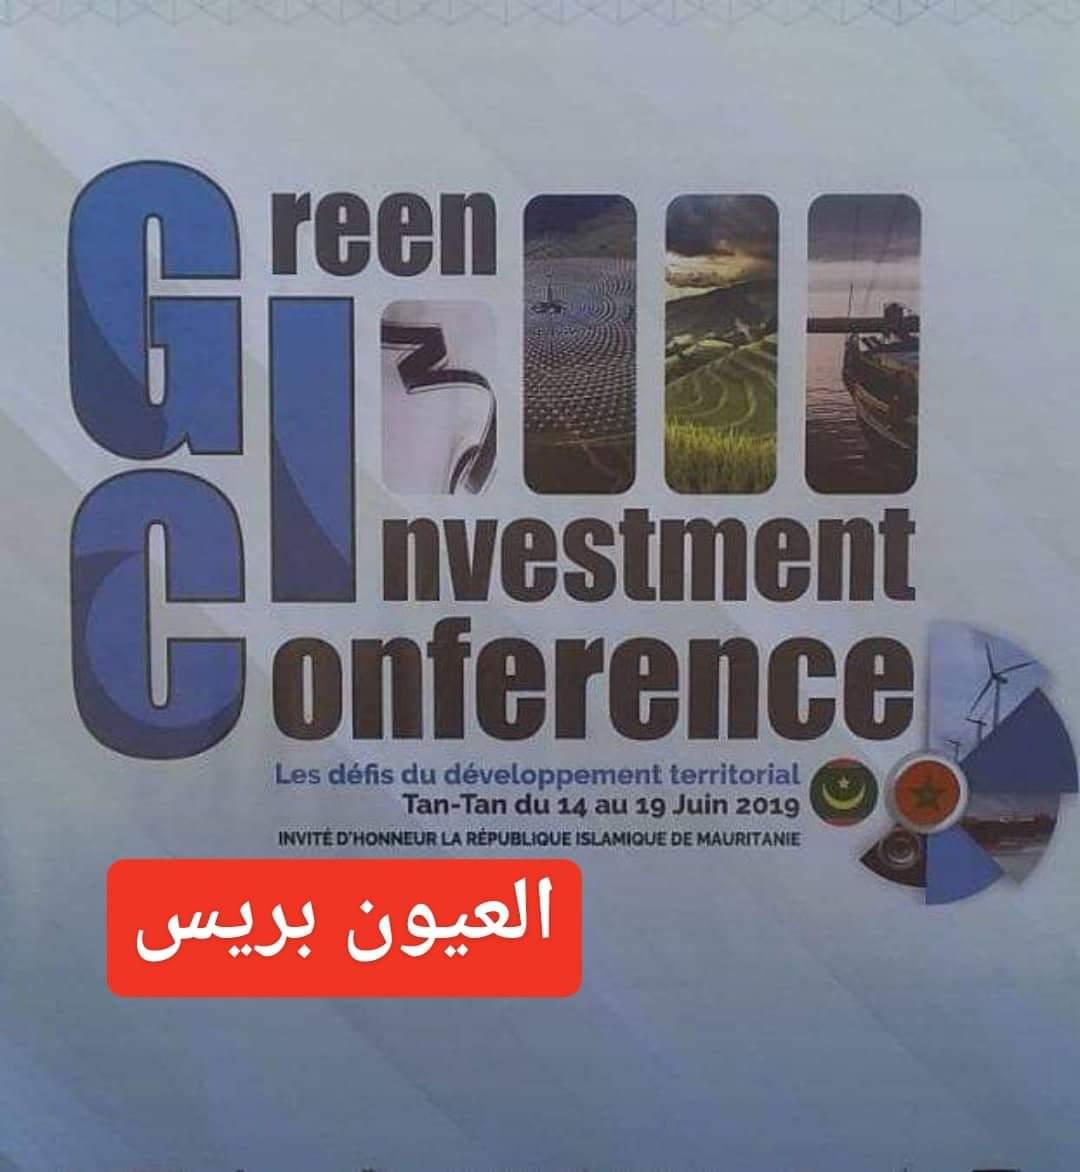 الوطية تشهد تنظيم ندوة الإسثتمار الأخضر بحضور وزير الثقافة والصناعة الموريتاني